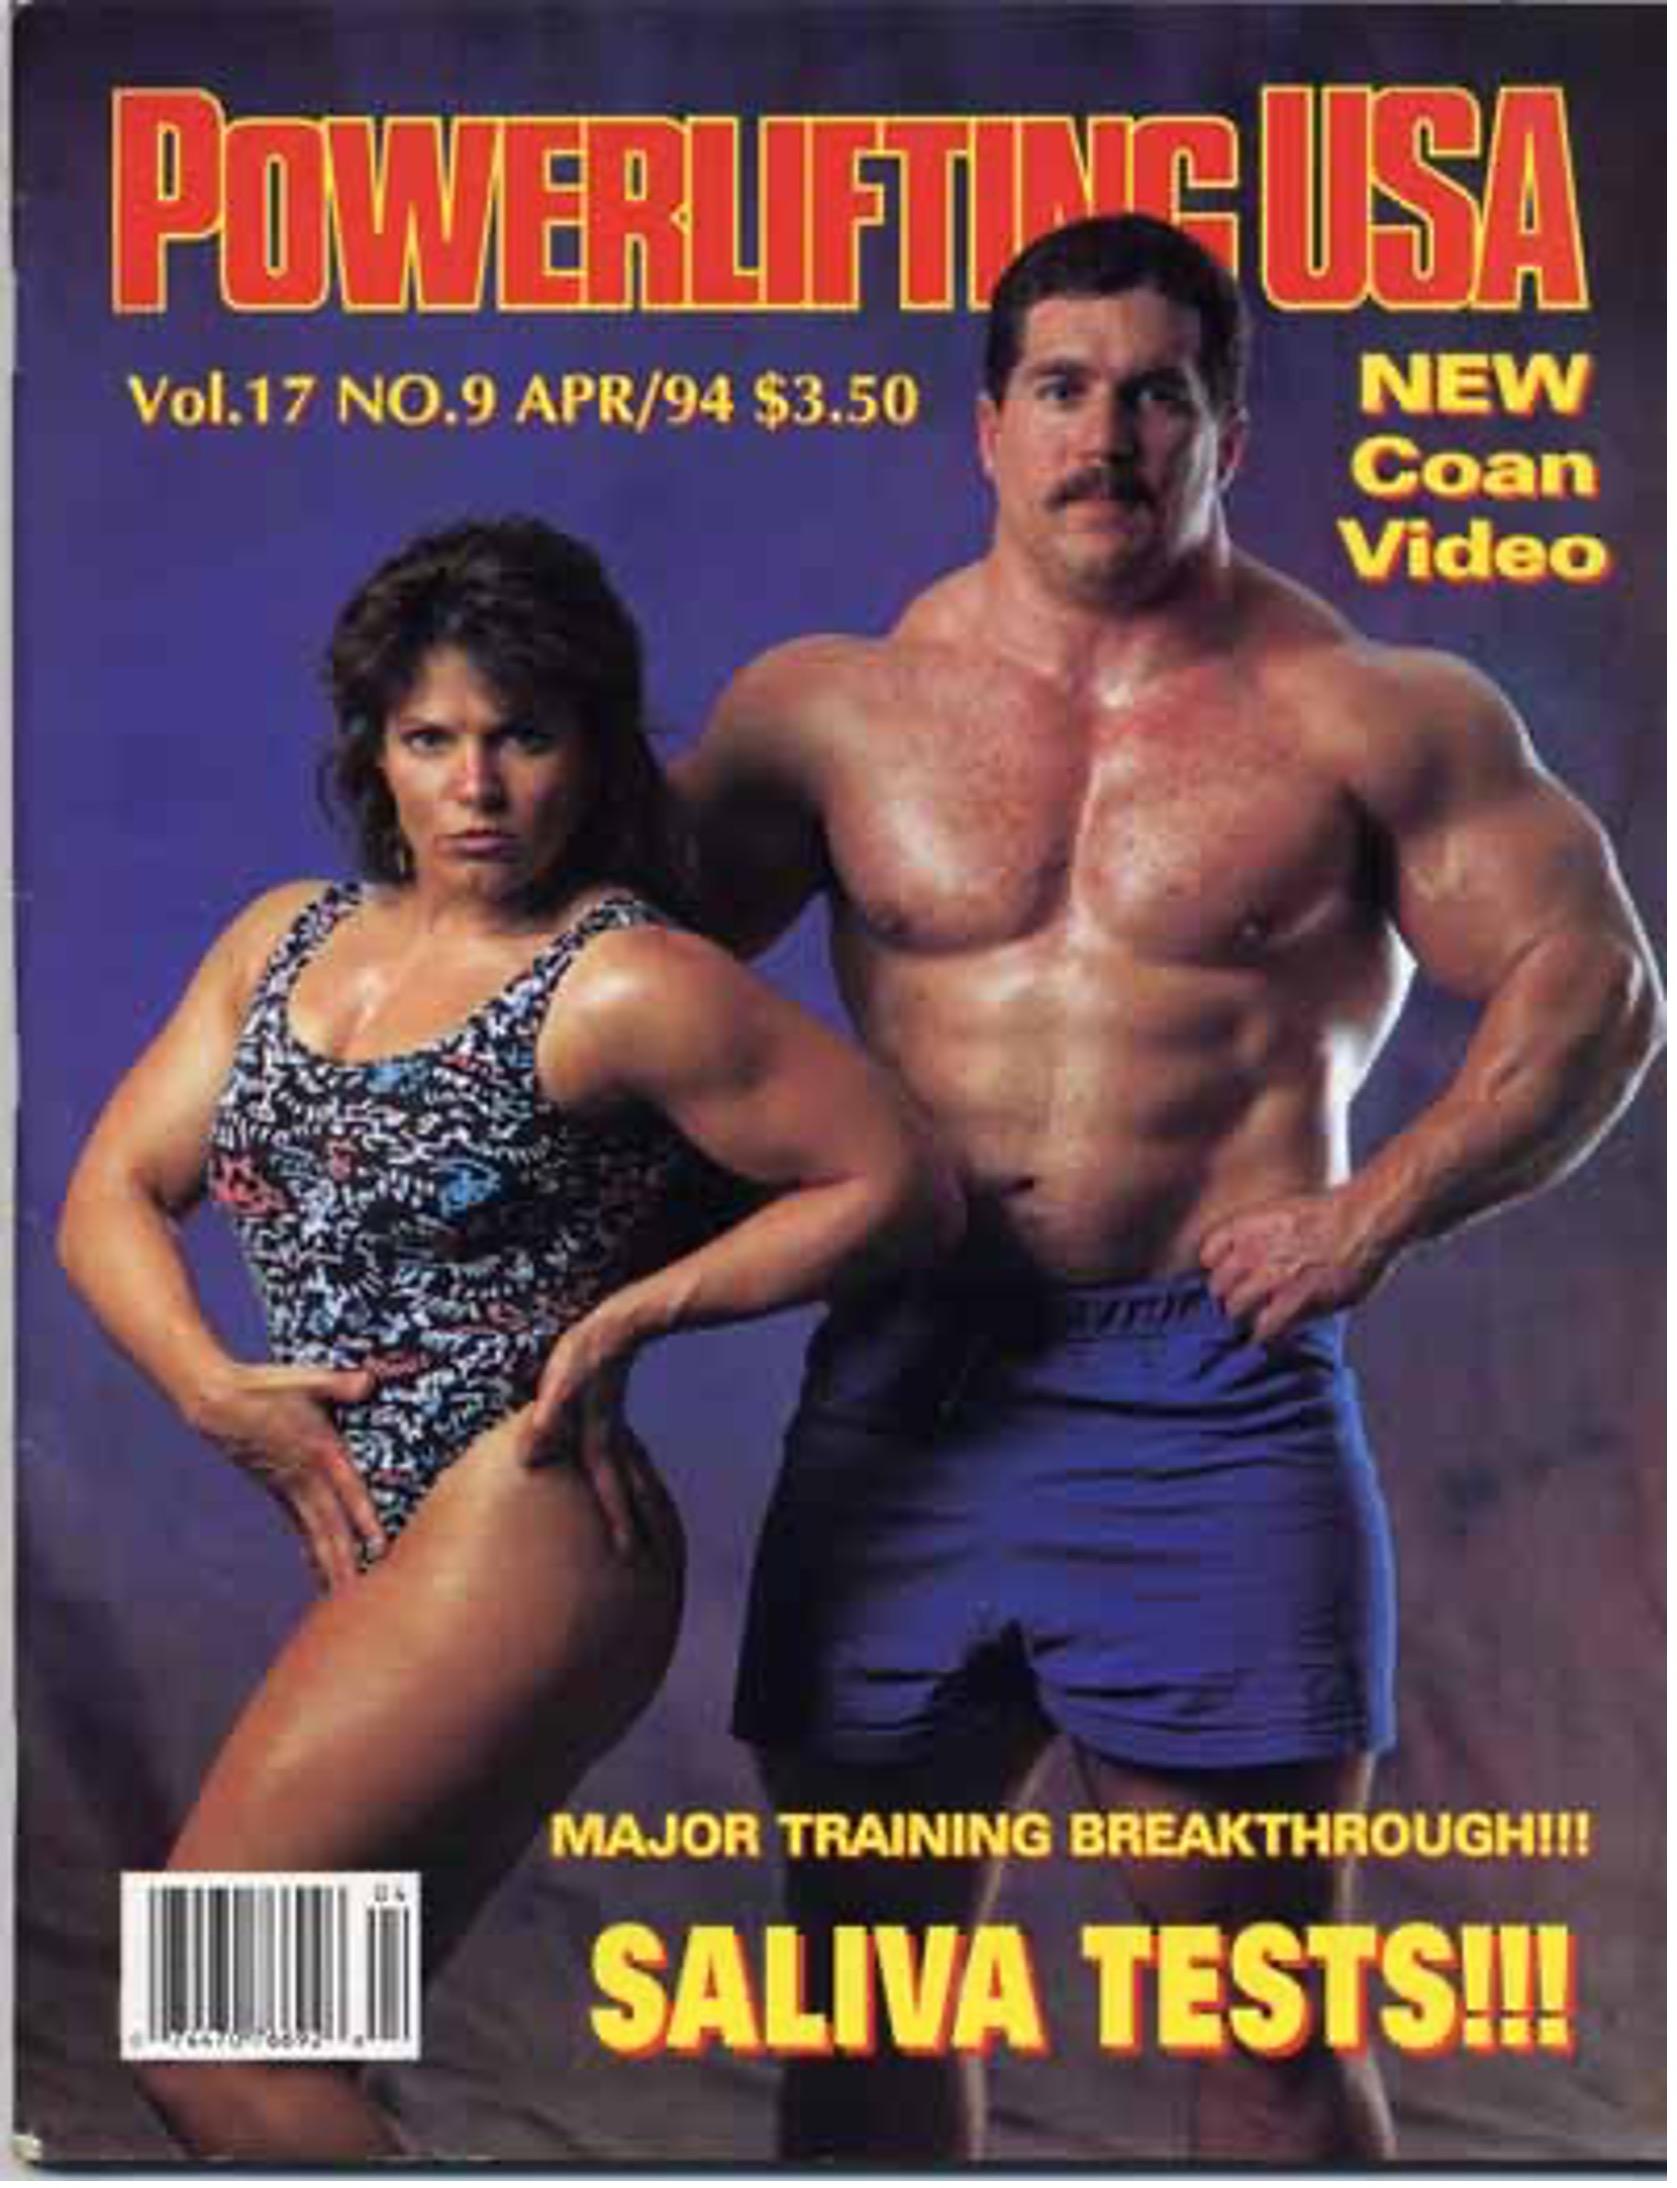 Kirk Karwoski cover of Powerlifting USA magazine